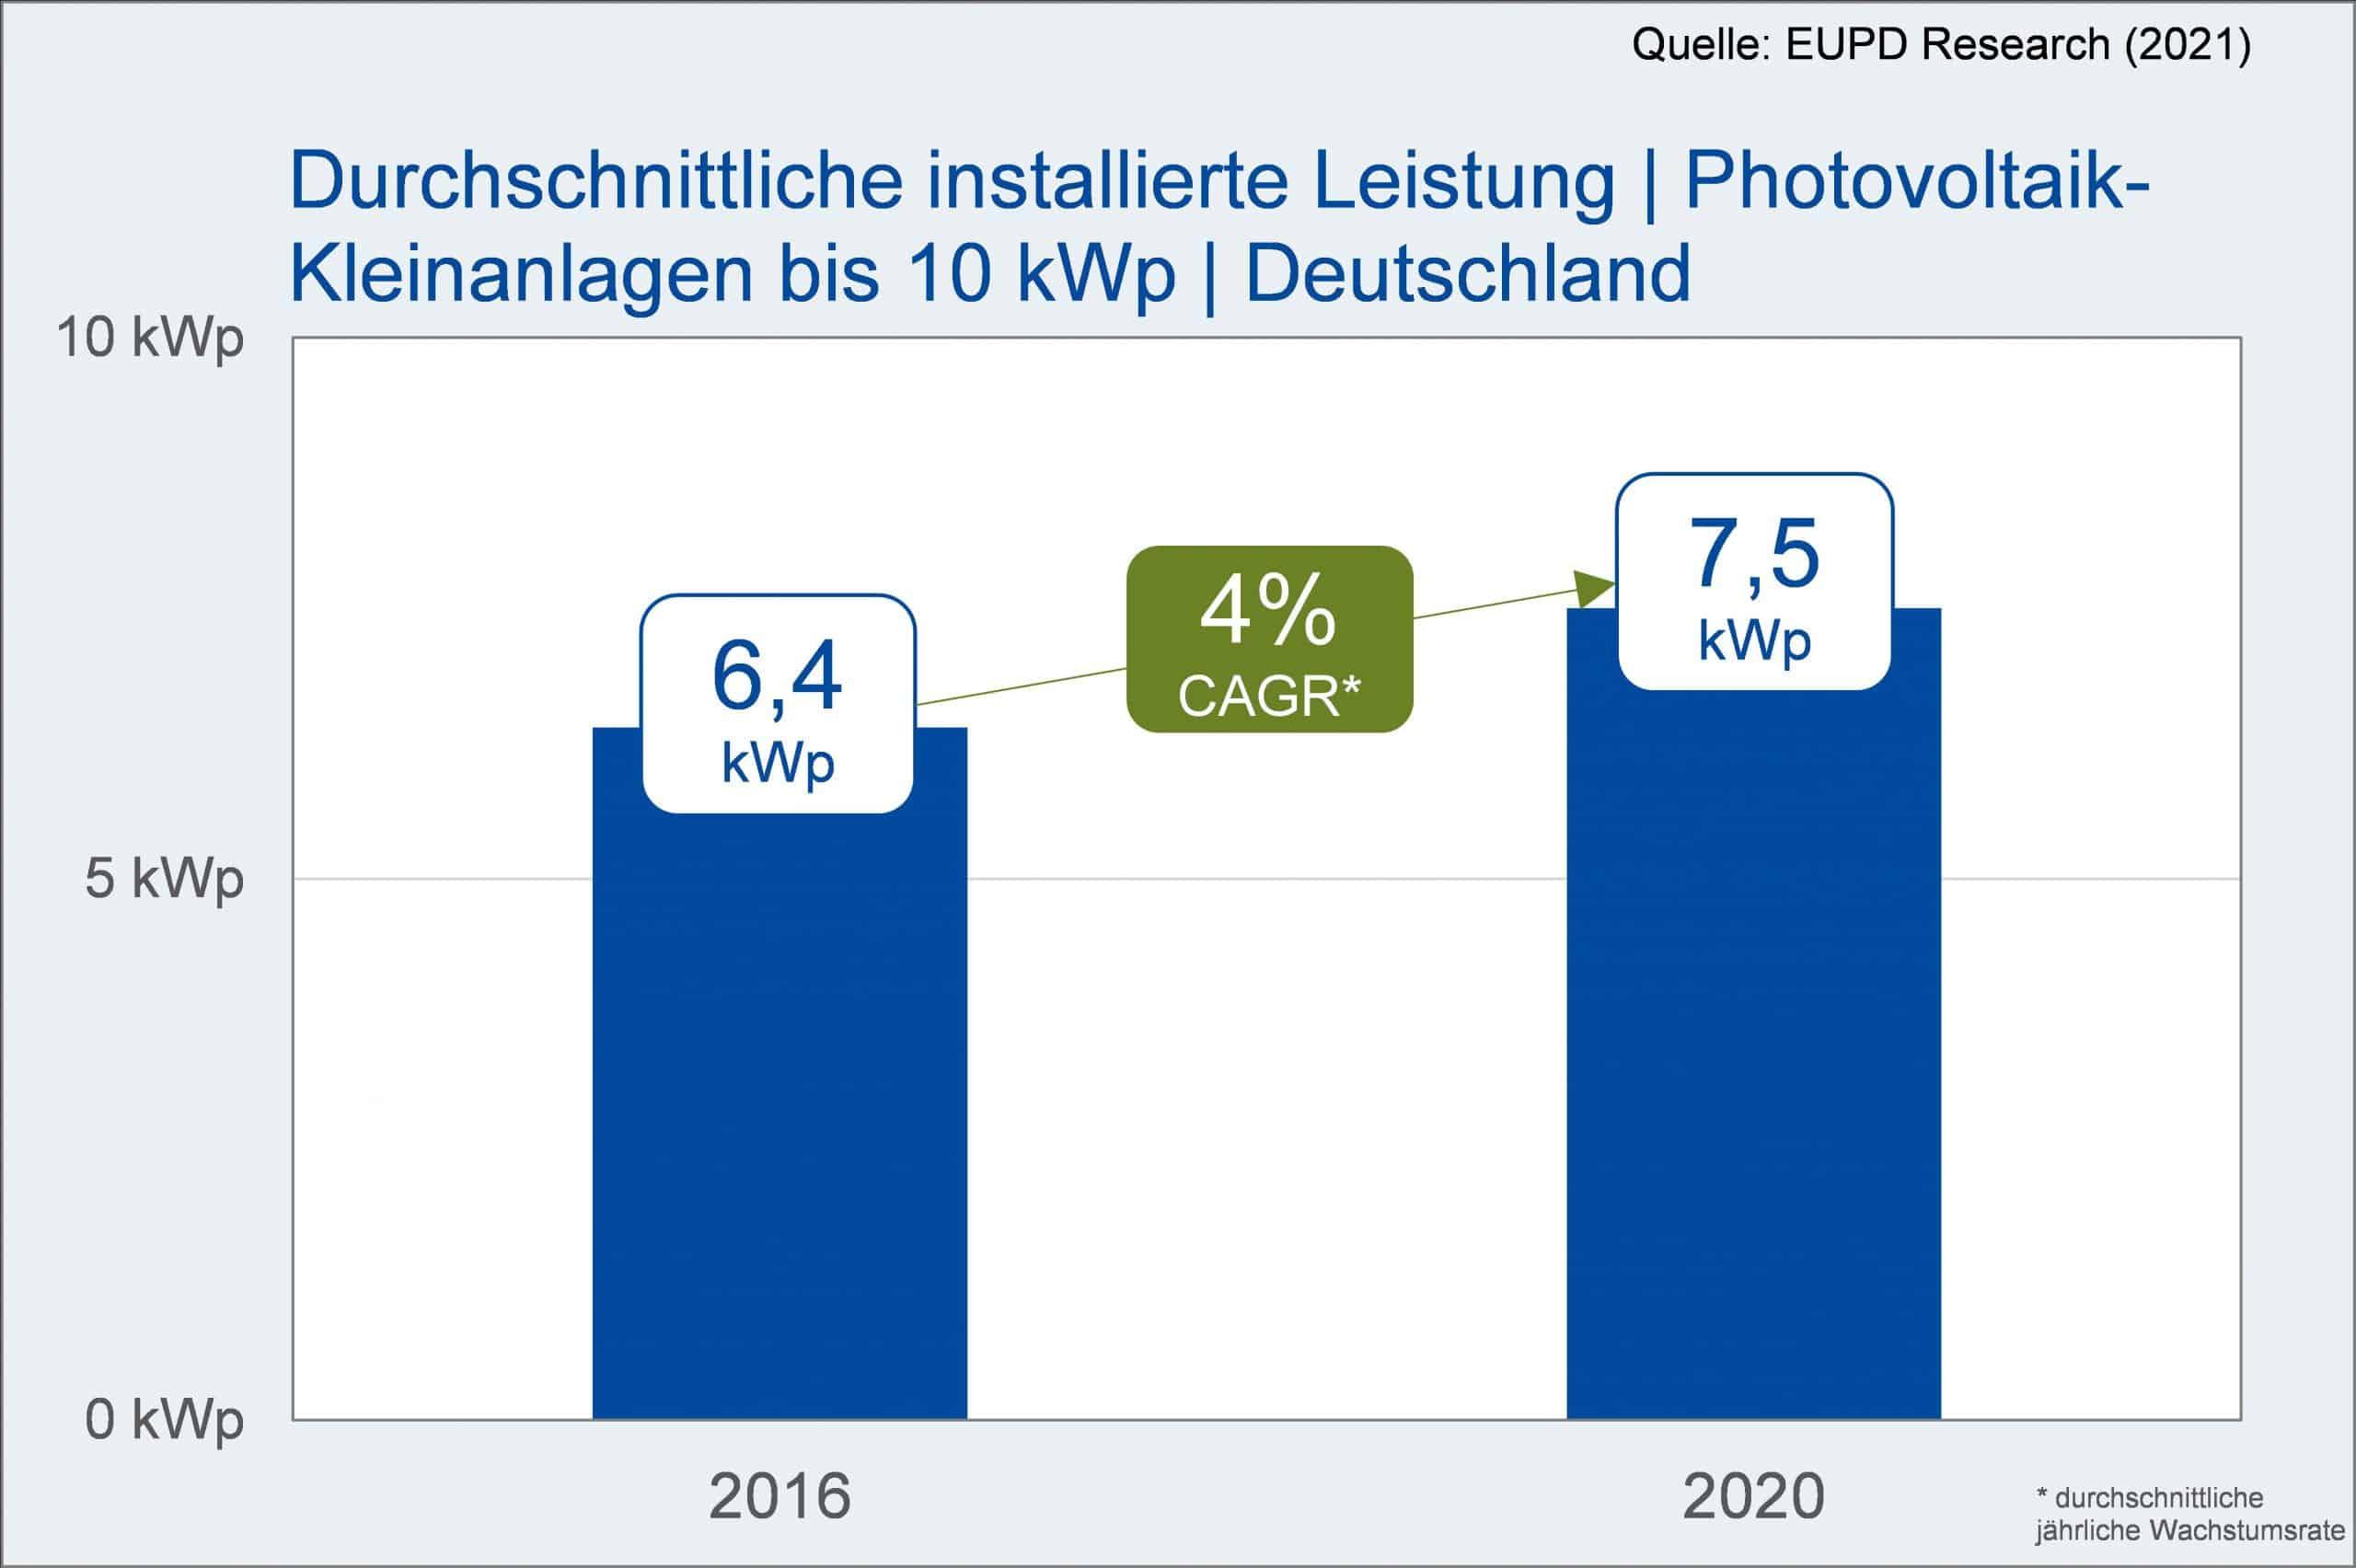 Durchschnittliche installierte Leistung | Photovoltaik-Kleinanlagen bis 10 kWp | Deutschland